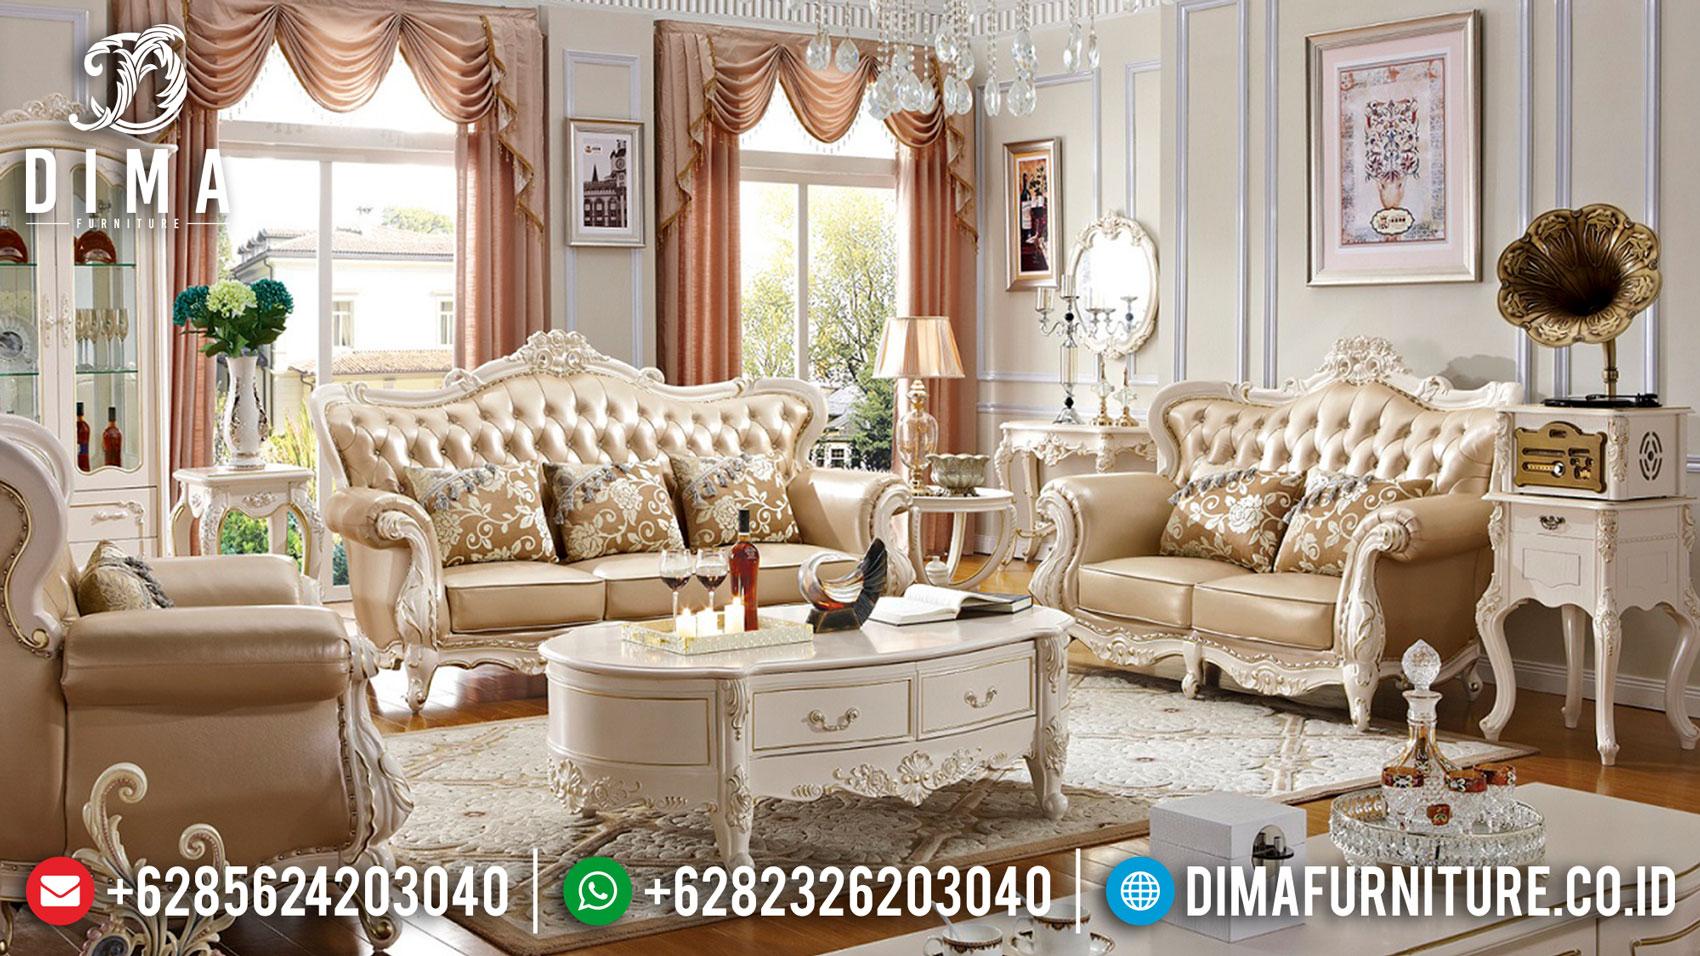 Sofa Tamu Mewah Jepara Luxury Carving Classic New Set Design ST-1359